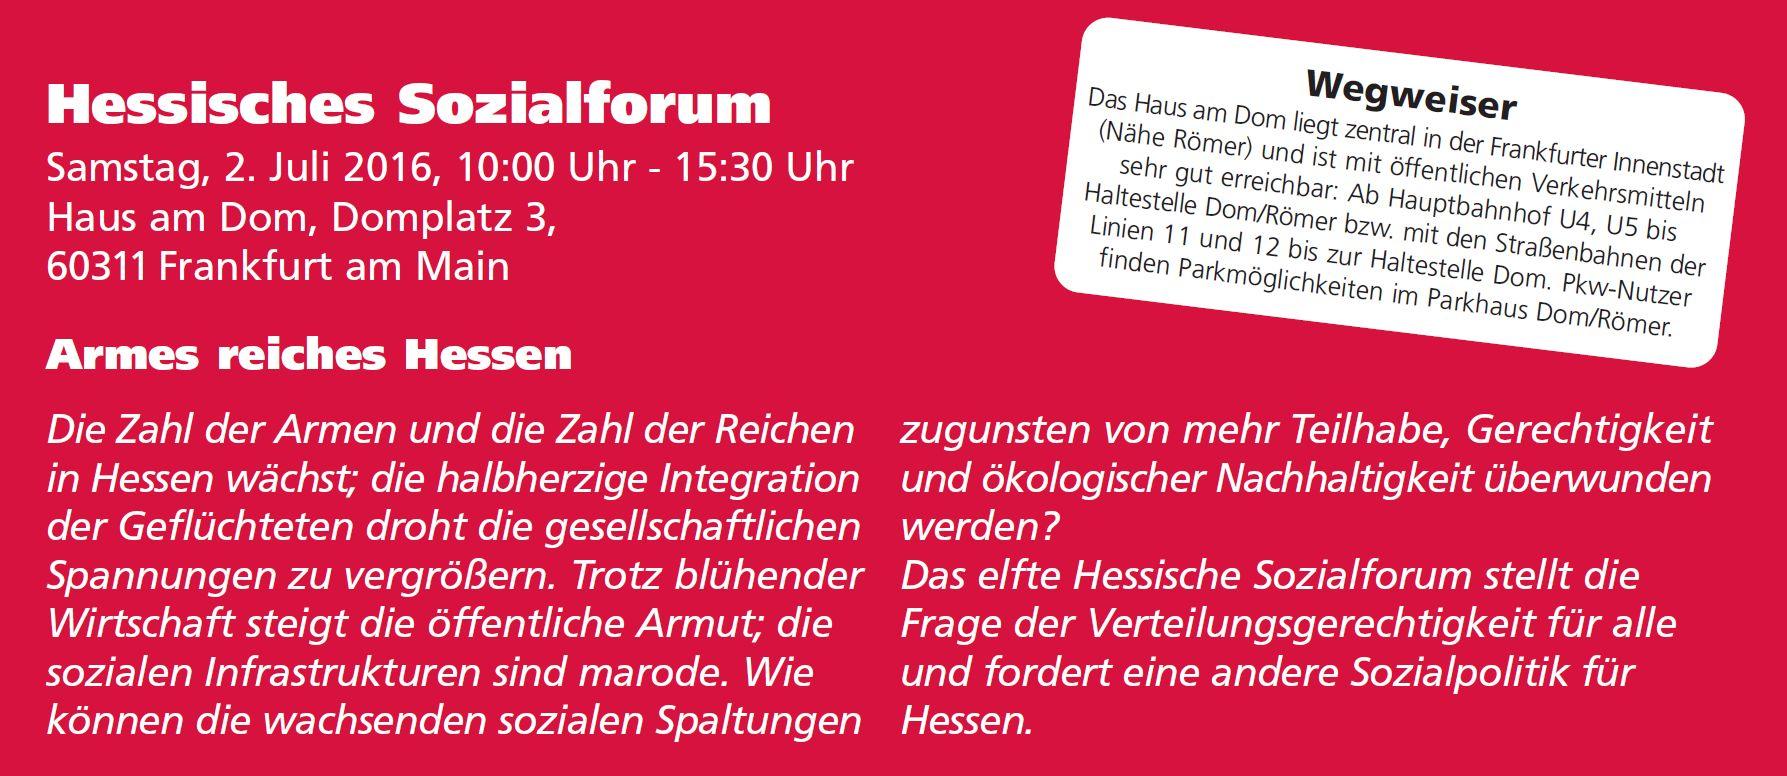 11. Hessisches Sozialforum